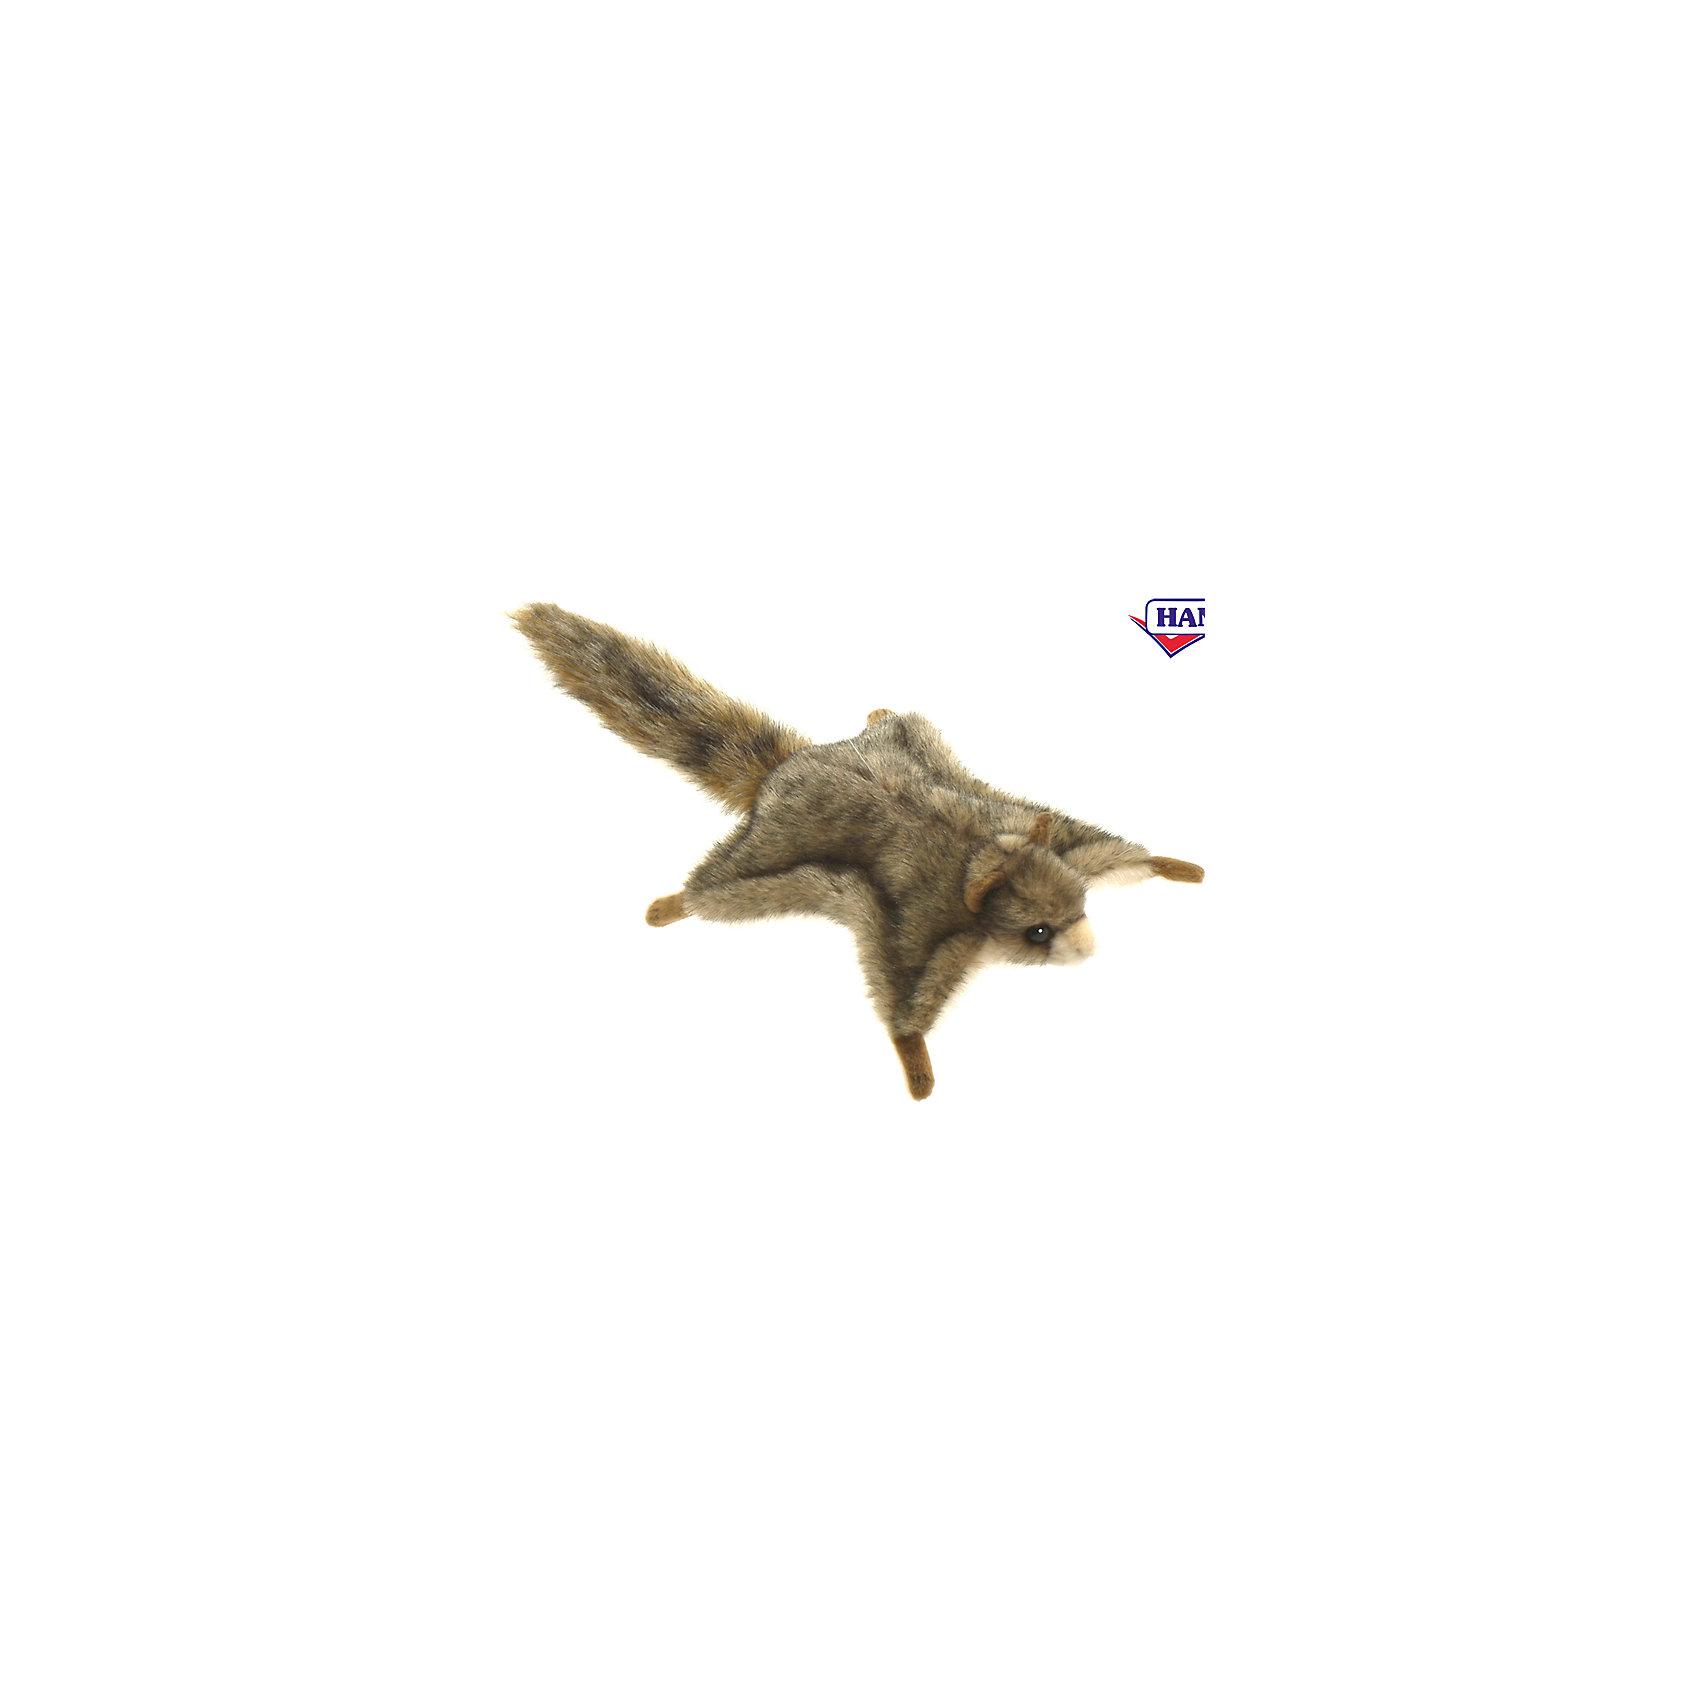 Белка летяга, 21 смЗвери и птицы<br>Белка летяга, 21 см – игрушка от знаменитого бренда Hansa, специализирующегося на выпуске мягких игрушек с высокой степенью натуралистичности. Внешний вид игрушечной белки полностью соответствует реальному прототипу – разновидности белок, которые в прыжке имитируют полет. Игрушка выполнена из меха пестрого окраса с ворсом средней длины, обладает гипоаллергенными свойствами. Внутри имеется металлический каркас, который позволяет изменять положение. Игрушка относится к серии Хищные животные. <br>Мягкие игрушки от Hansa подходят для сюжетно-ролевых игр или для обучающих игр. Форма игрушки позволяет использовать ее  для оформления интерьера, такая белка прекрасно будет смотреться на спинке кресла или дивана. Игрушки от Hansa будут радовать вашего ребенка долгое время, так как ручная работа и качественные материалы гарантируют их долговечность и прочность. <br><br>Дополнительная информация:<br><br>- Вид игр: сюжетно-ролевые игры, коллекционирование, интерьерные игрушки<br>- Предназначение: для дома, для детских развивающих центров, для детских садов<br>- Материал: искусственный мех, наполнитель ? полиэфирное волокно<br>- Размер (ДхШхВ): 21*6*21 см<br>- Вес: 360 г<br>- Особенности ухода: сухая чистка при помощи пылесоса или щетки для одежды<br><br>Подробнее:<br><br>• Для детей в возрасте: от 3 лет <br>• Страна производитель: Филиппины<br>• Торговый бренд: Hansa<br><br>Белку летягу, 21 см можно купить в нашем интернет-магазине.<br><br>Ширина мм: 21<br>Глубина мм: 6<br>Высота мм: 21<br>Вес г: 360<br>Возраст от месяцев: 36<br>Возраст до месяцев: 2147483647<br>Пол: Унисекс<br>Возраст: Детский<br>SKU: 4927179